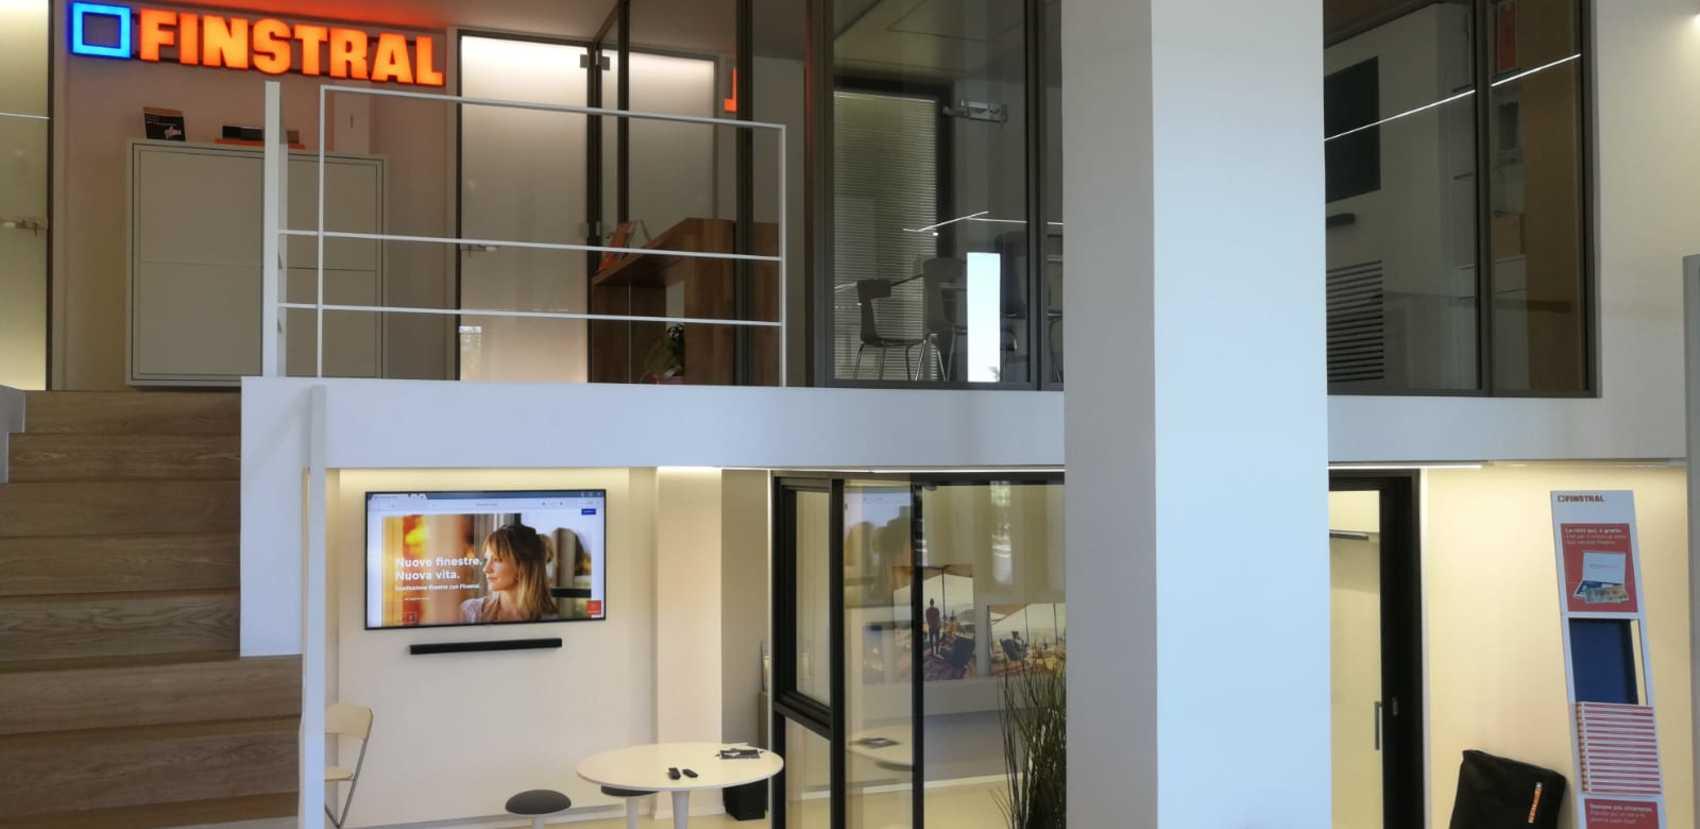 Studio Partner Finstral a Catania: 270 m² di esposizione con finestre e porte d'ingresso tutte da scoprire.